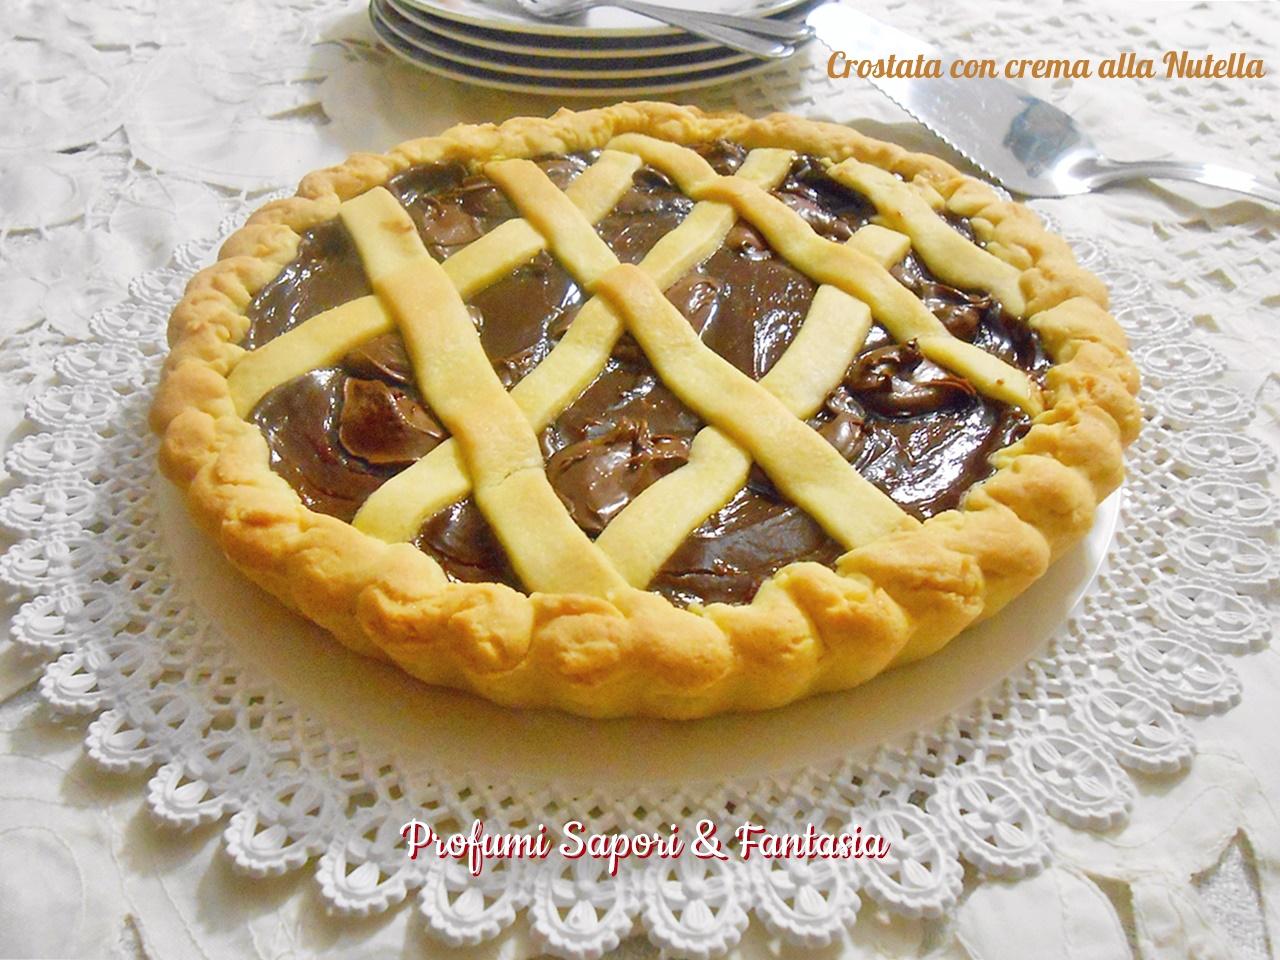 Crostata-con-crema-alla-Nutella-2